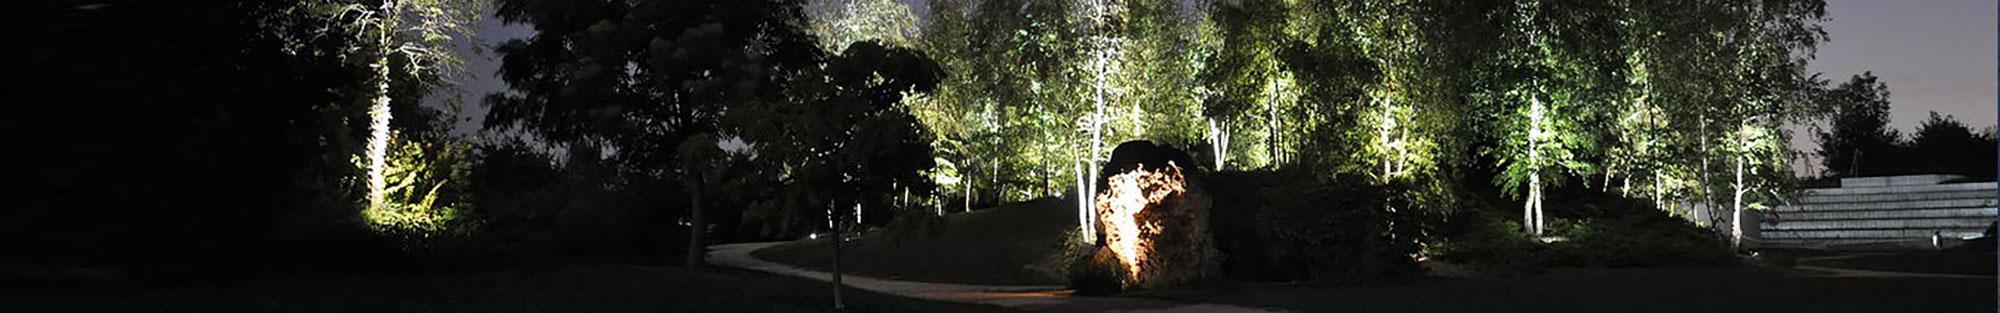 Lichtkonzept im Park der Sinne